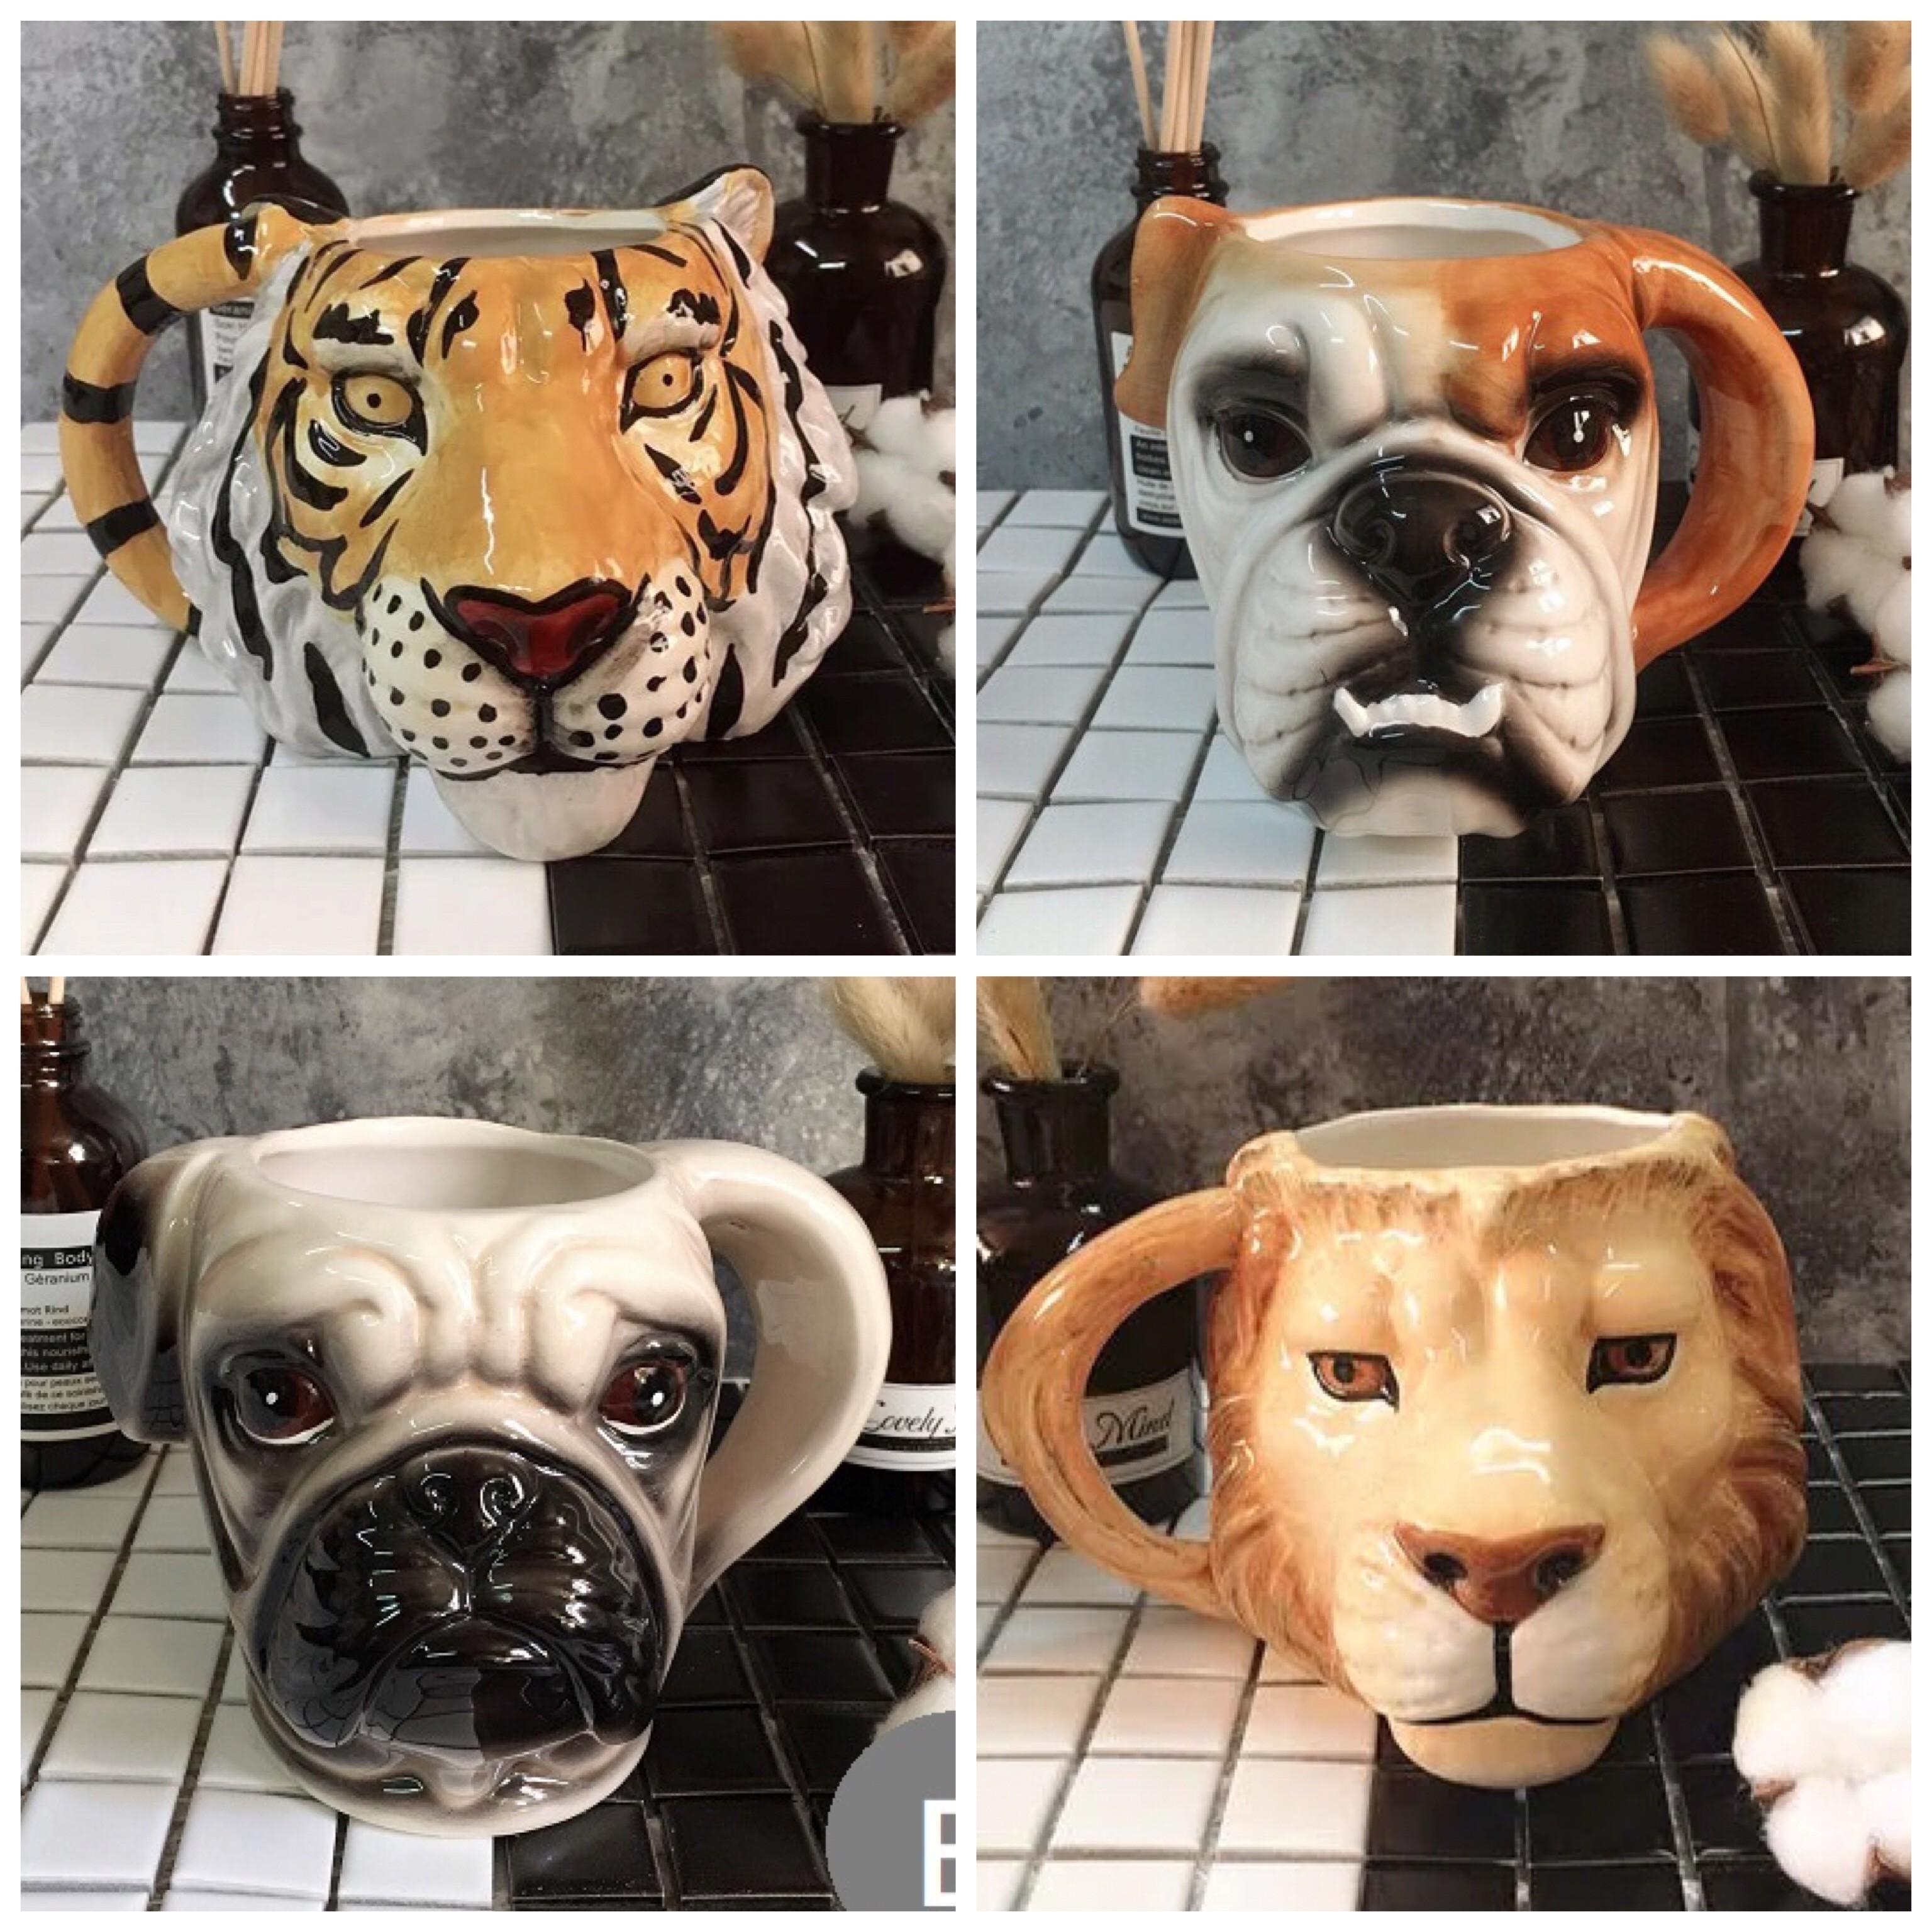 獅子老虎巴戈英鬥造型陶瓷馬克杯茶杯咖啡杯水杯子